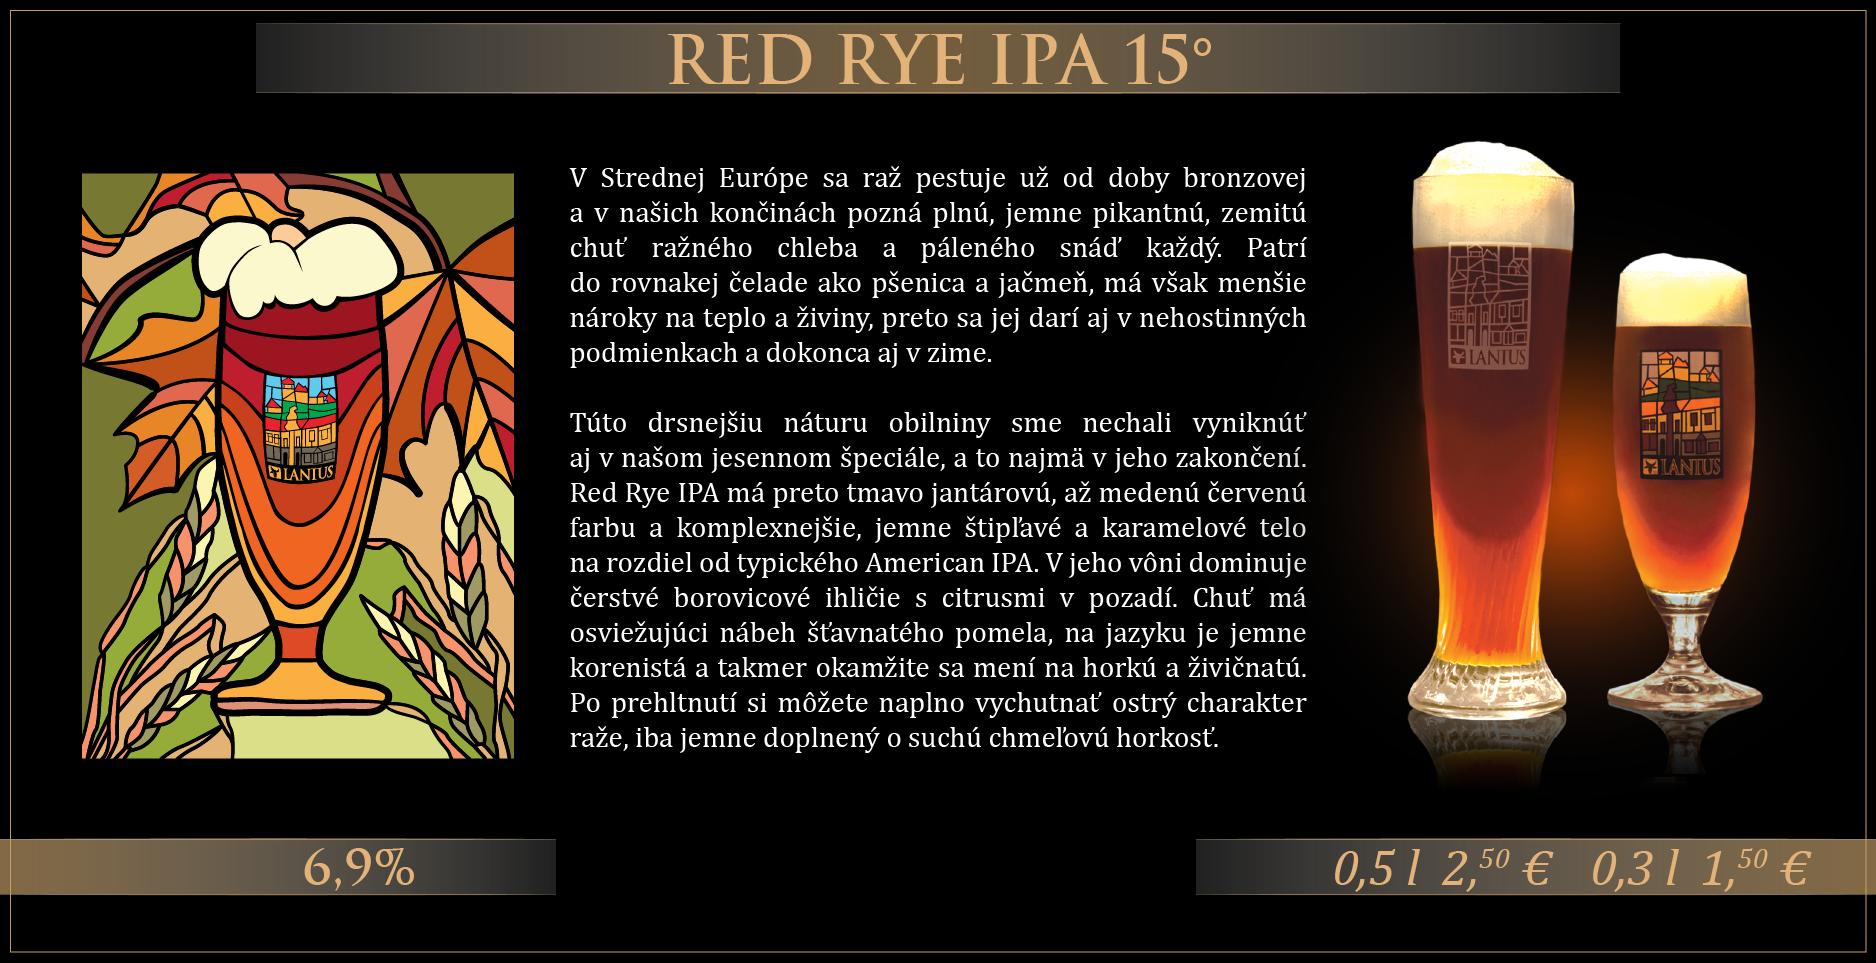 red rye ipa 15 WEB-02-01